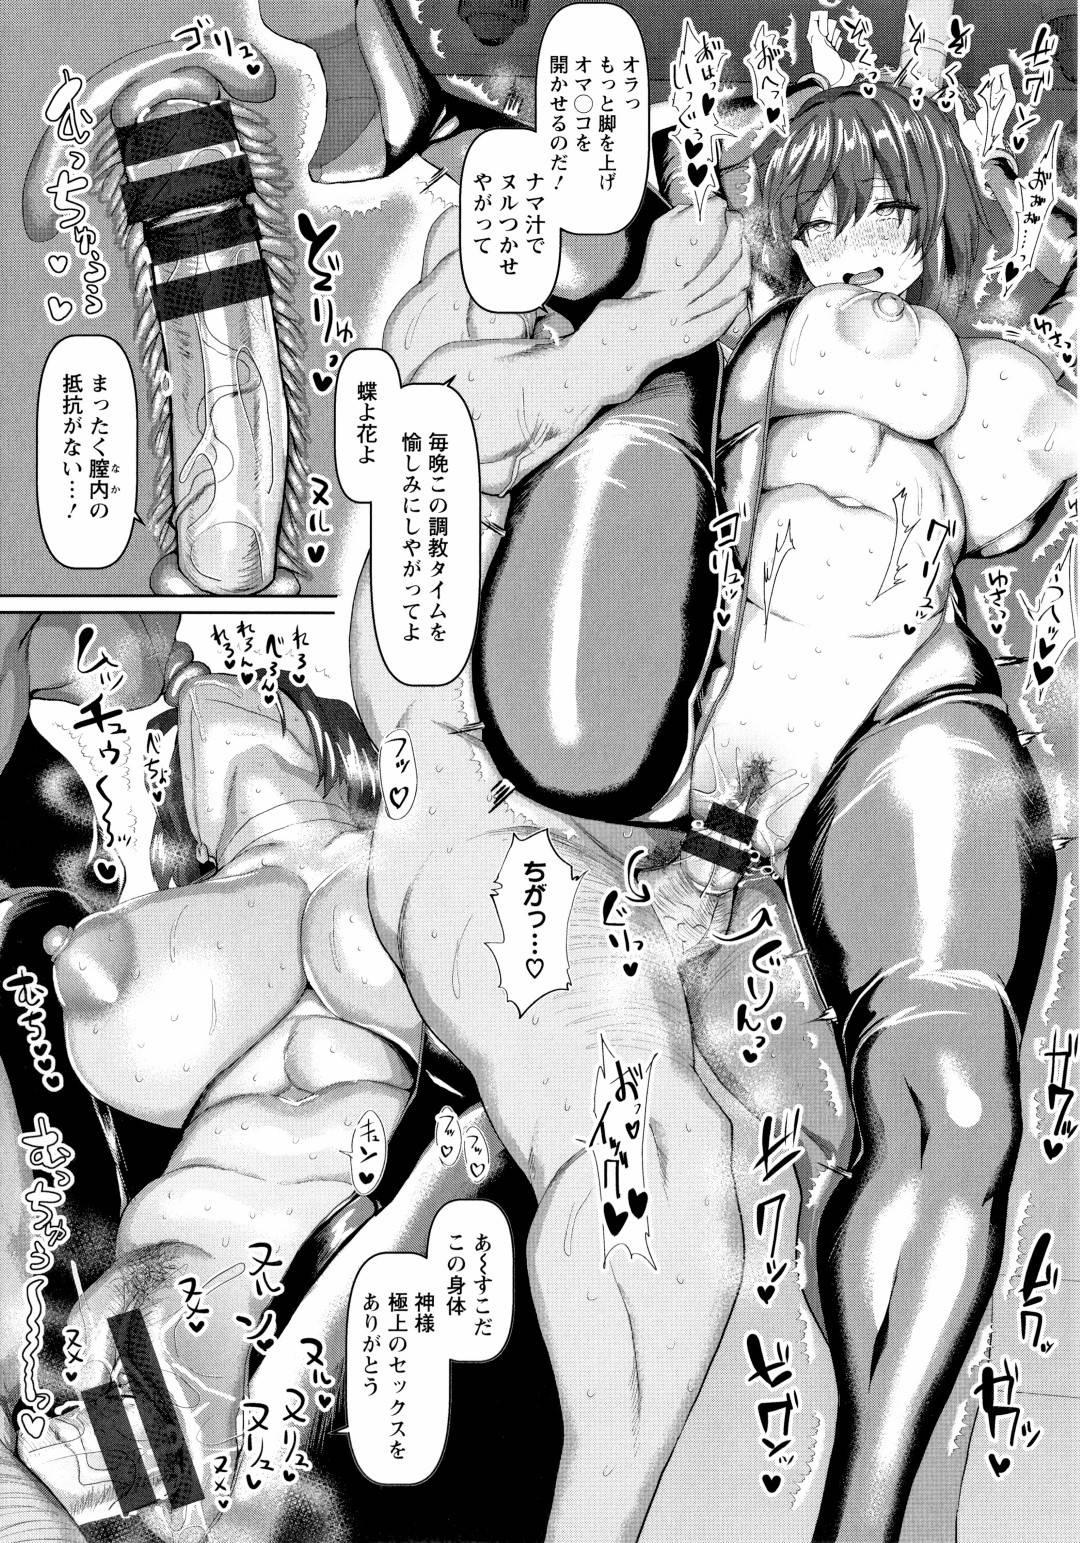 【エロ漫画】目的の書類を盗み任務完了した巨乳エージェント…その書類から導かれた次のミッションは薬品で女達を中毒にさせ商品としている男のアジトへの侵入に決まった!【chin】